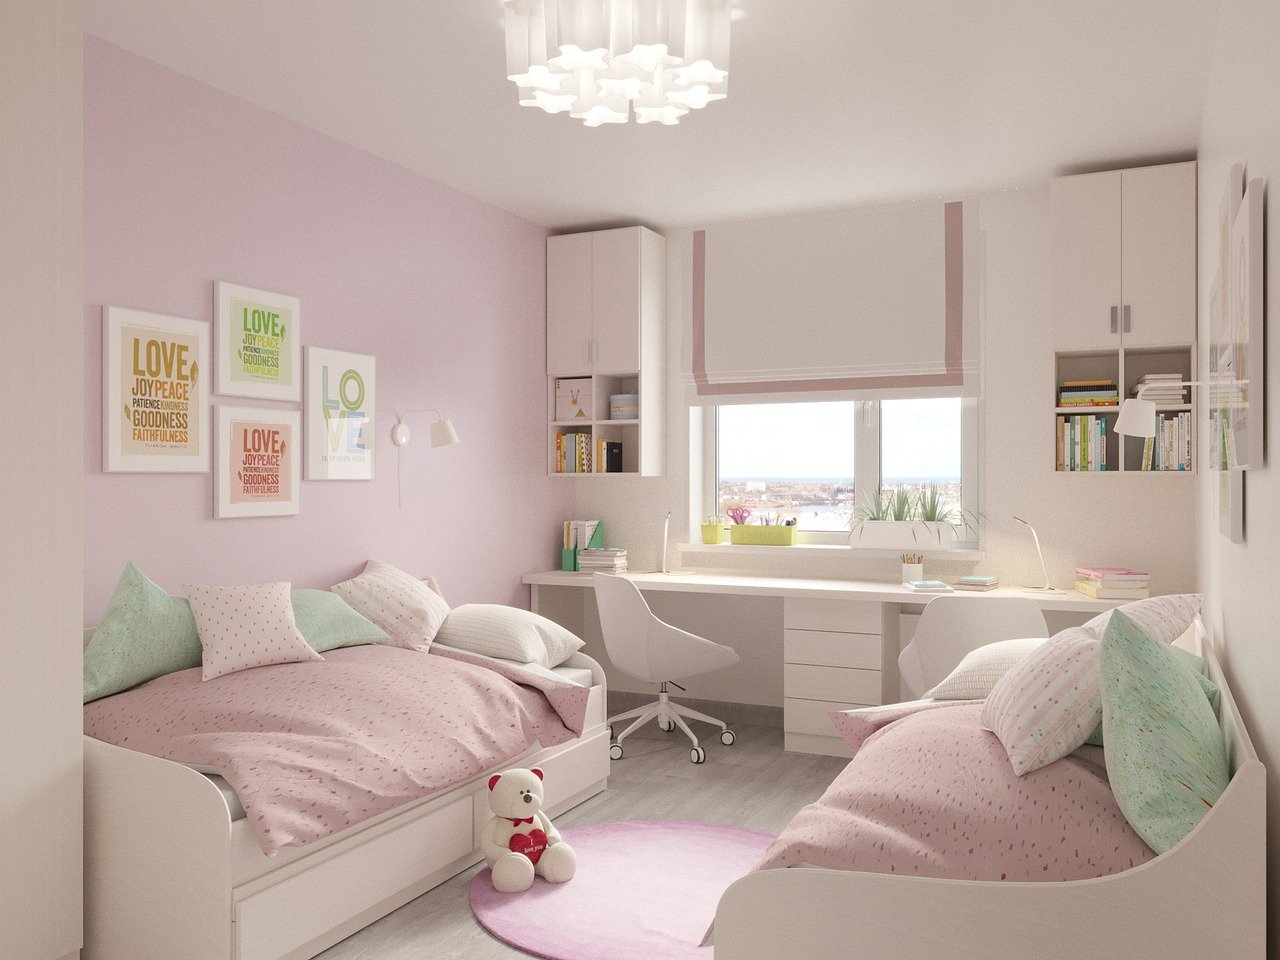 Pokój dla dziewczynek